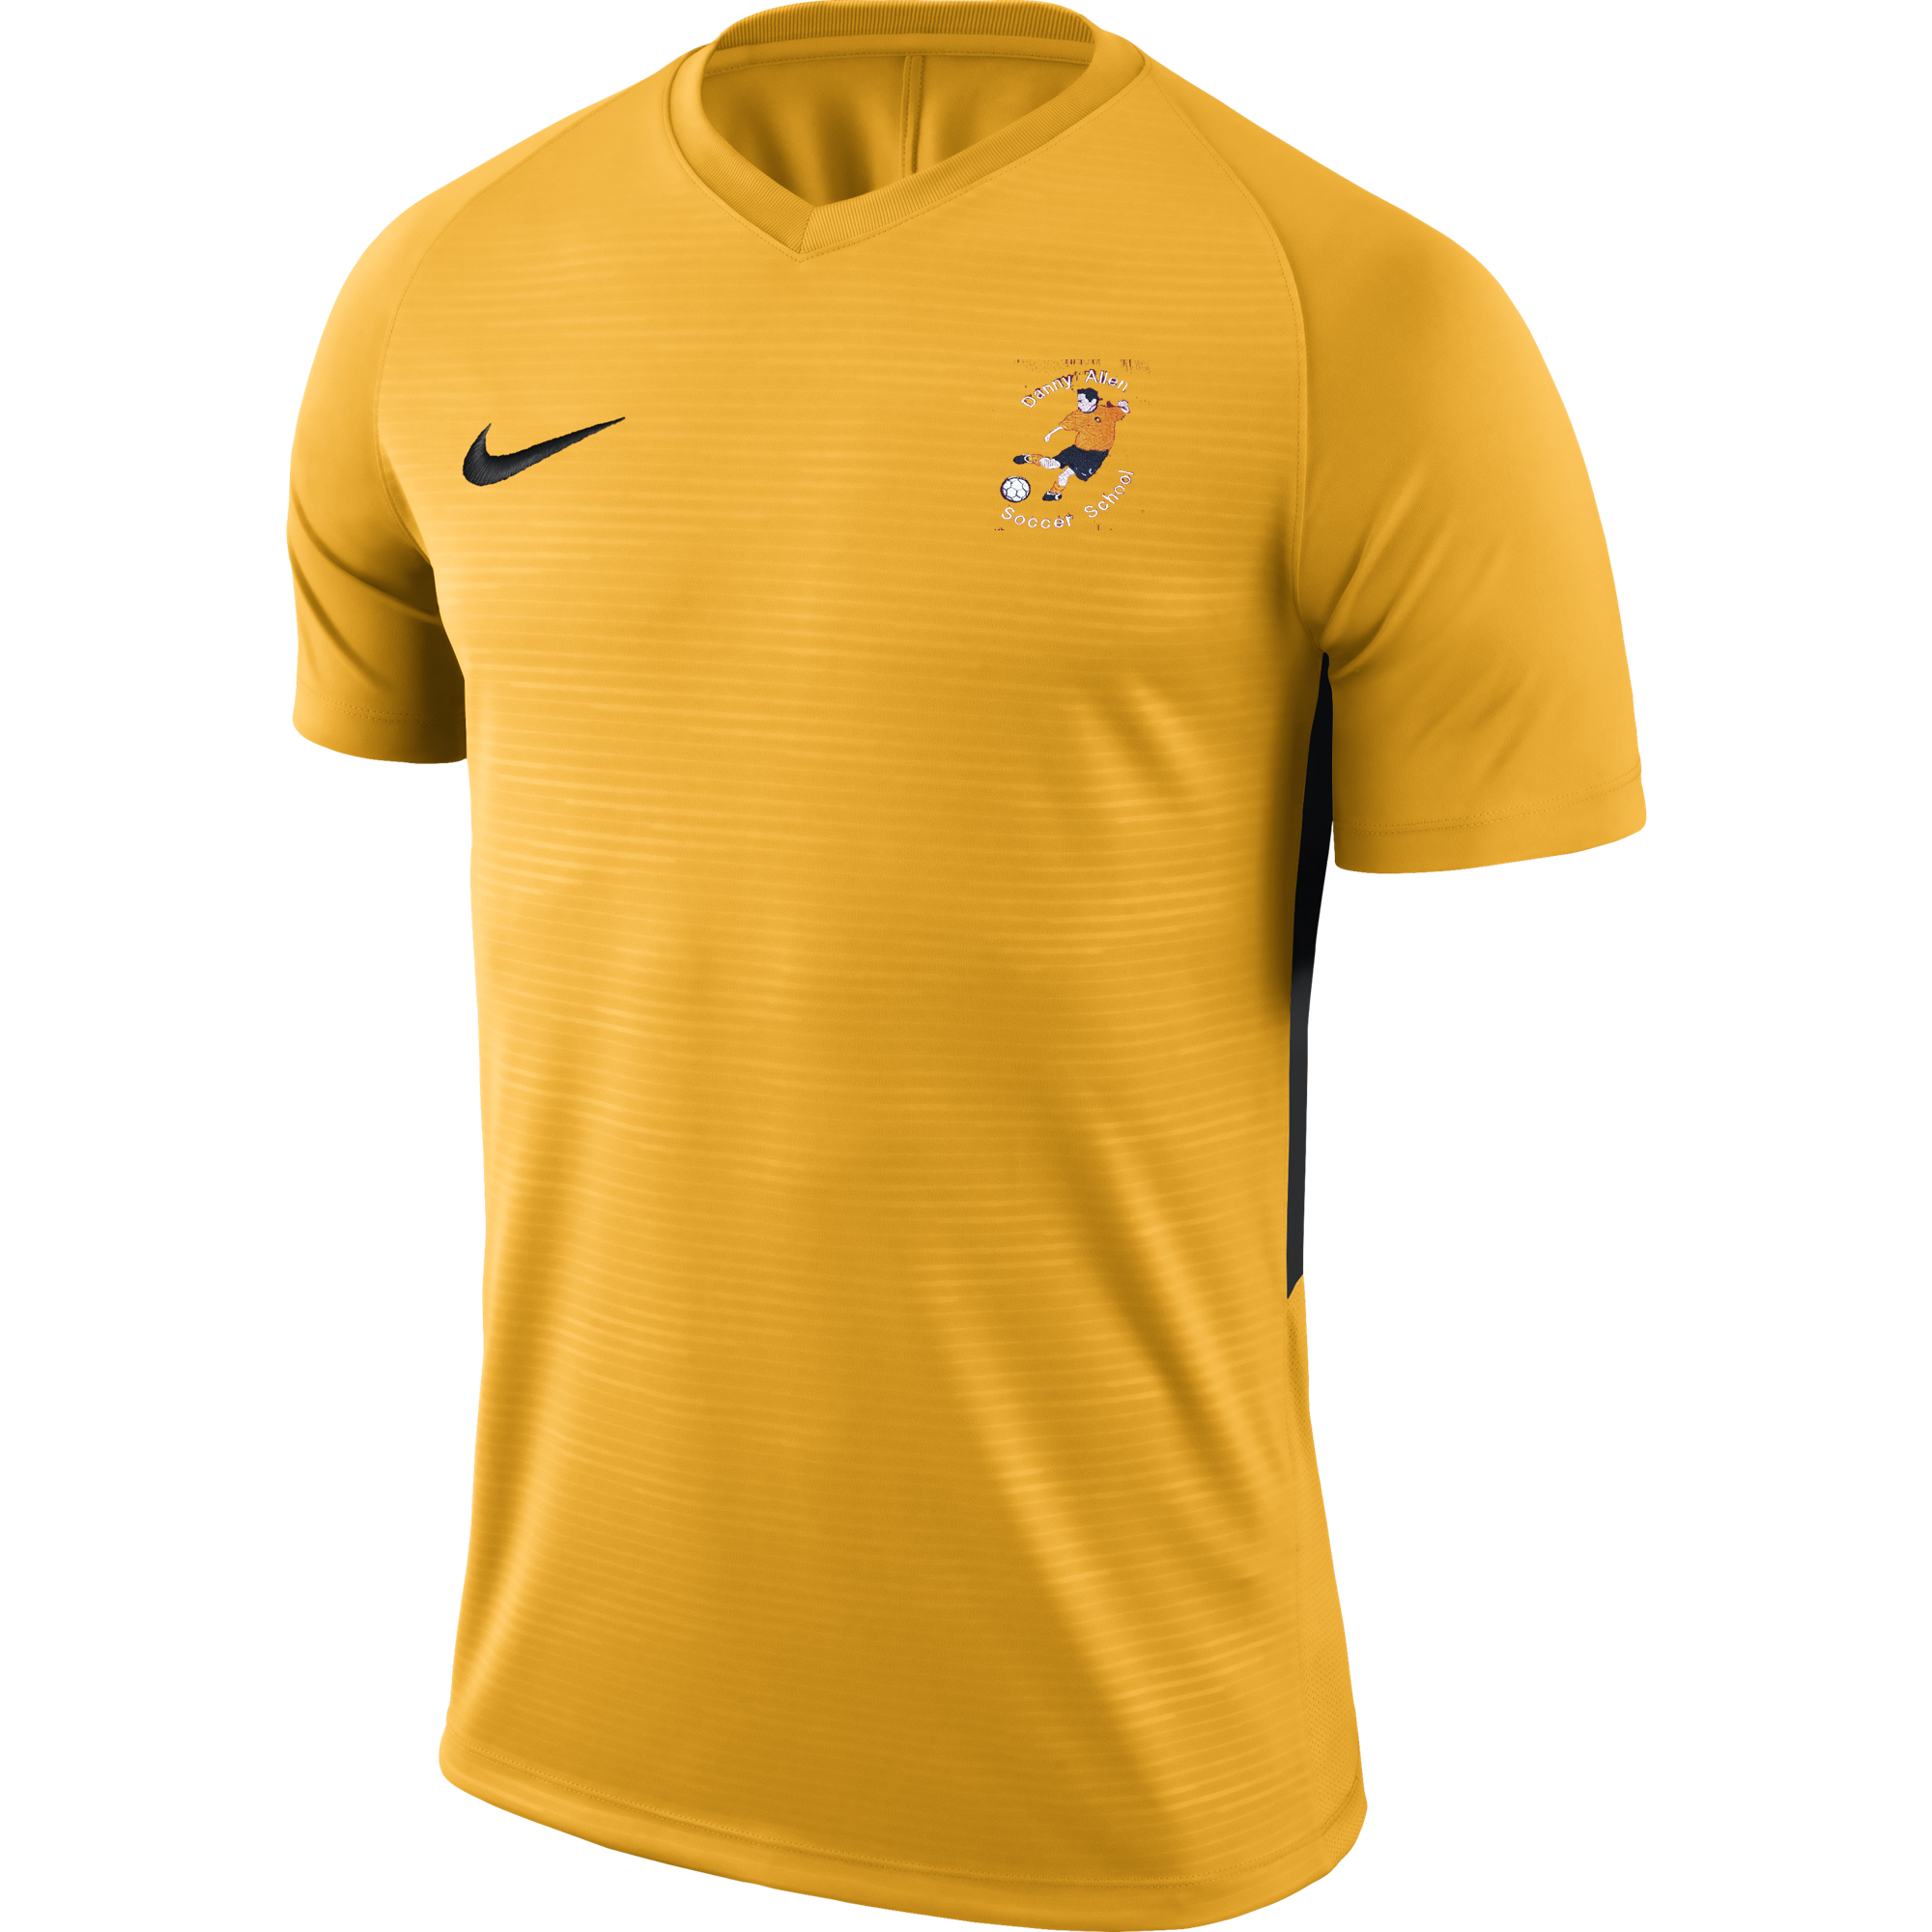 danny allen soccer school jersey 38120 p